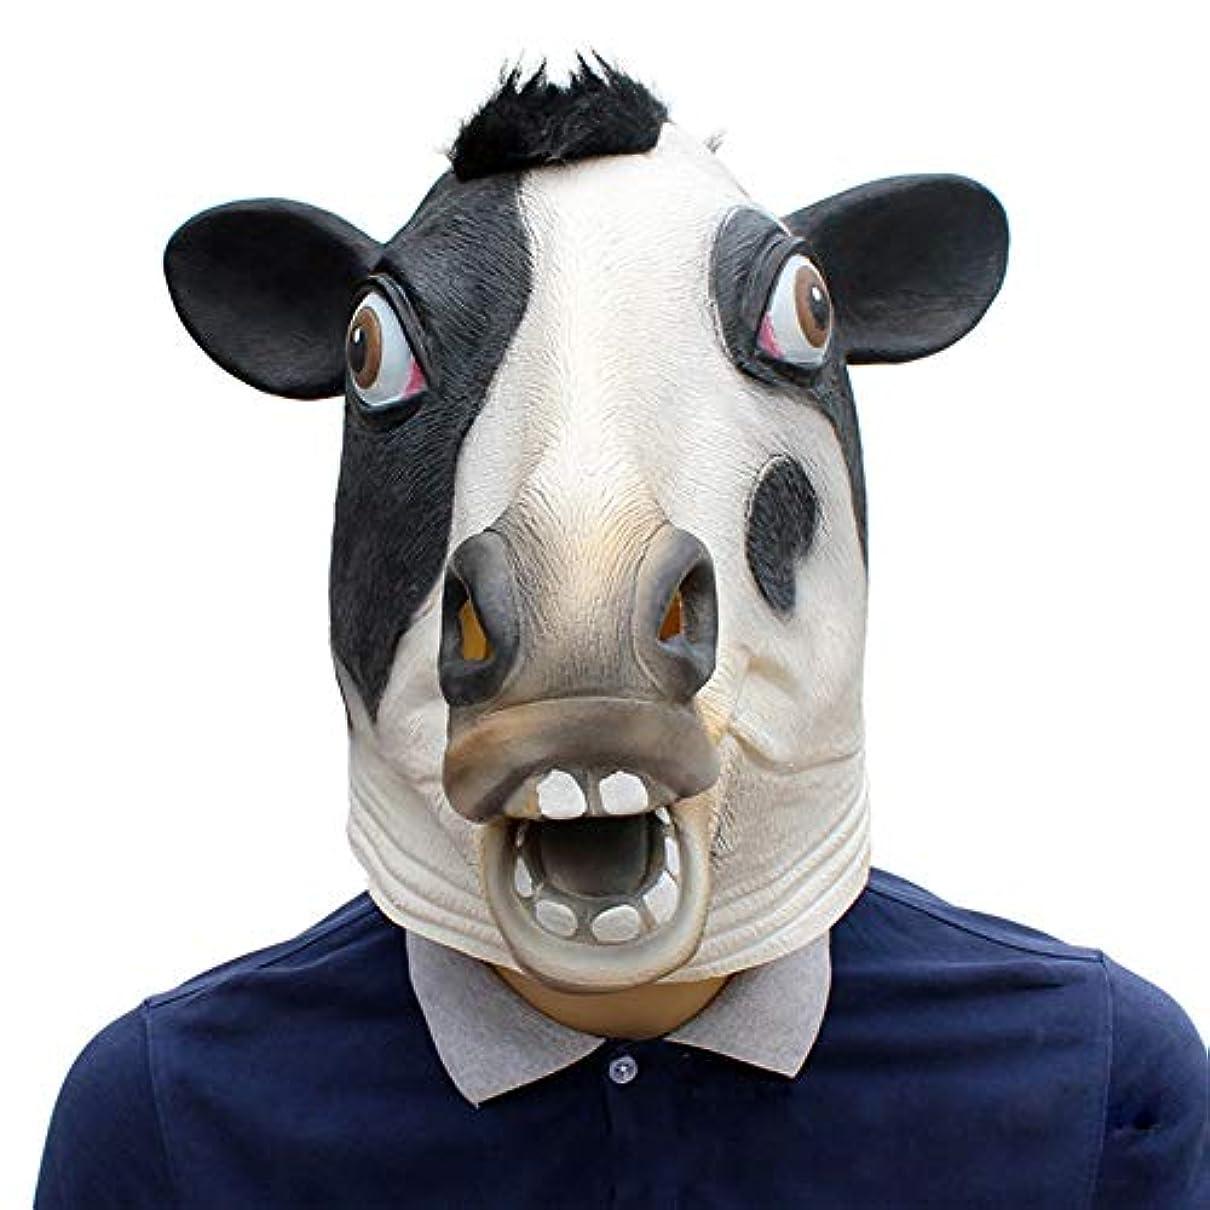 急速な株式会社束ねるハロウィーンマスク、牛ラテックスマスク、ハロウィーン、テーマパーティー、カーニバル、レイブパーティー、バー、小道具、映画。